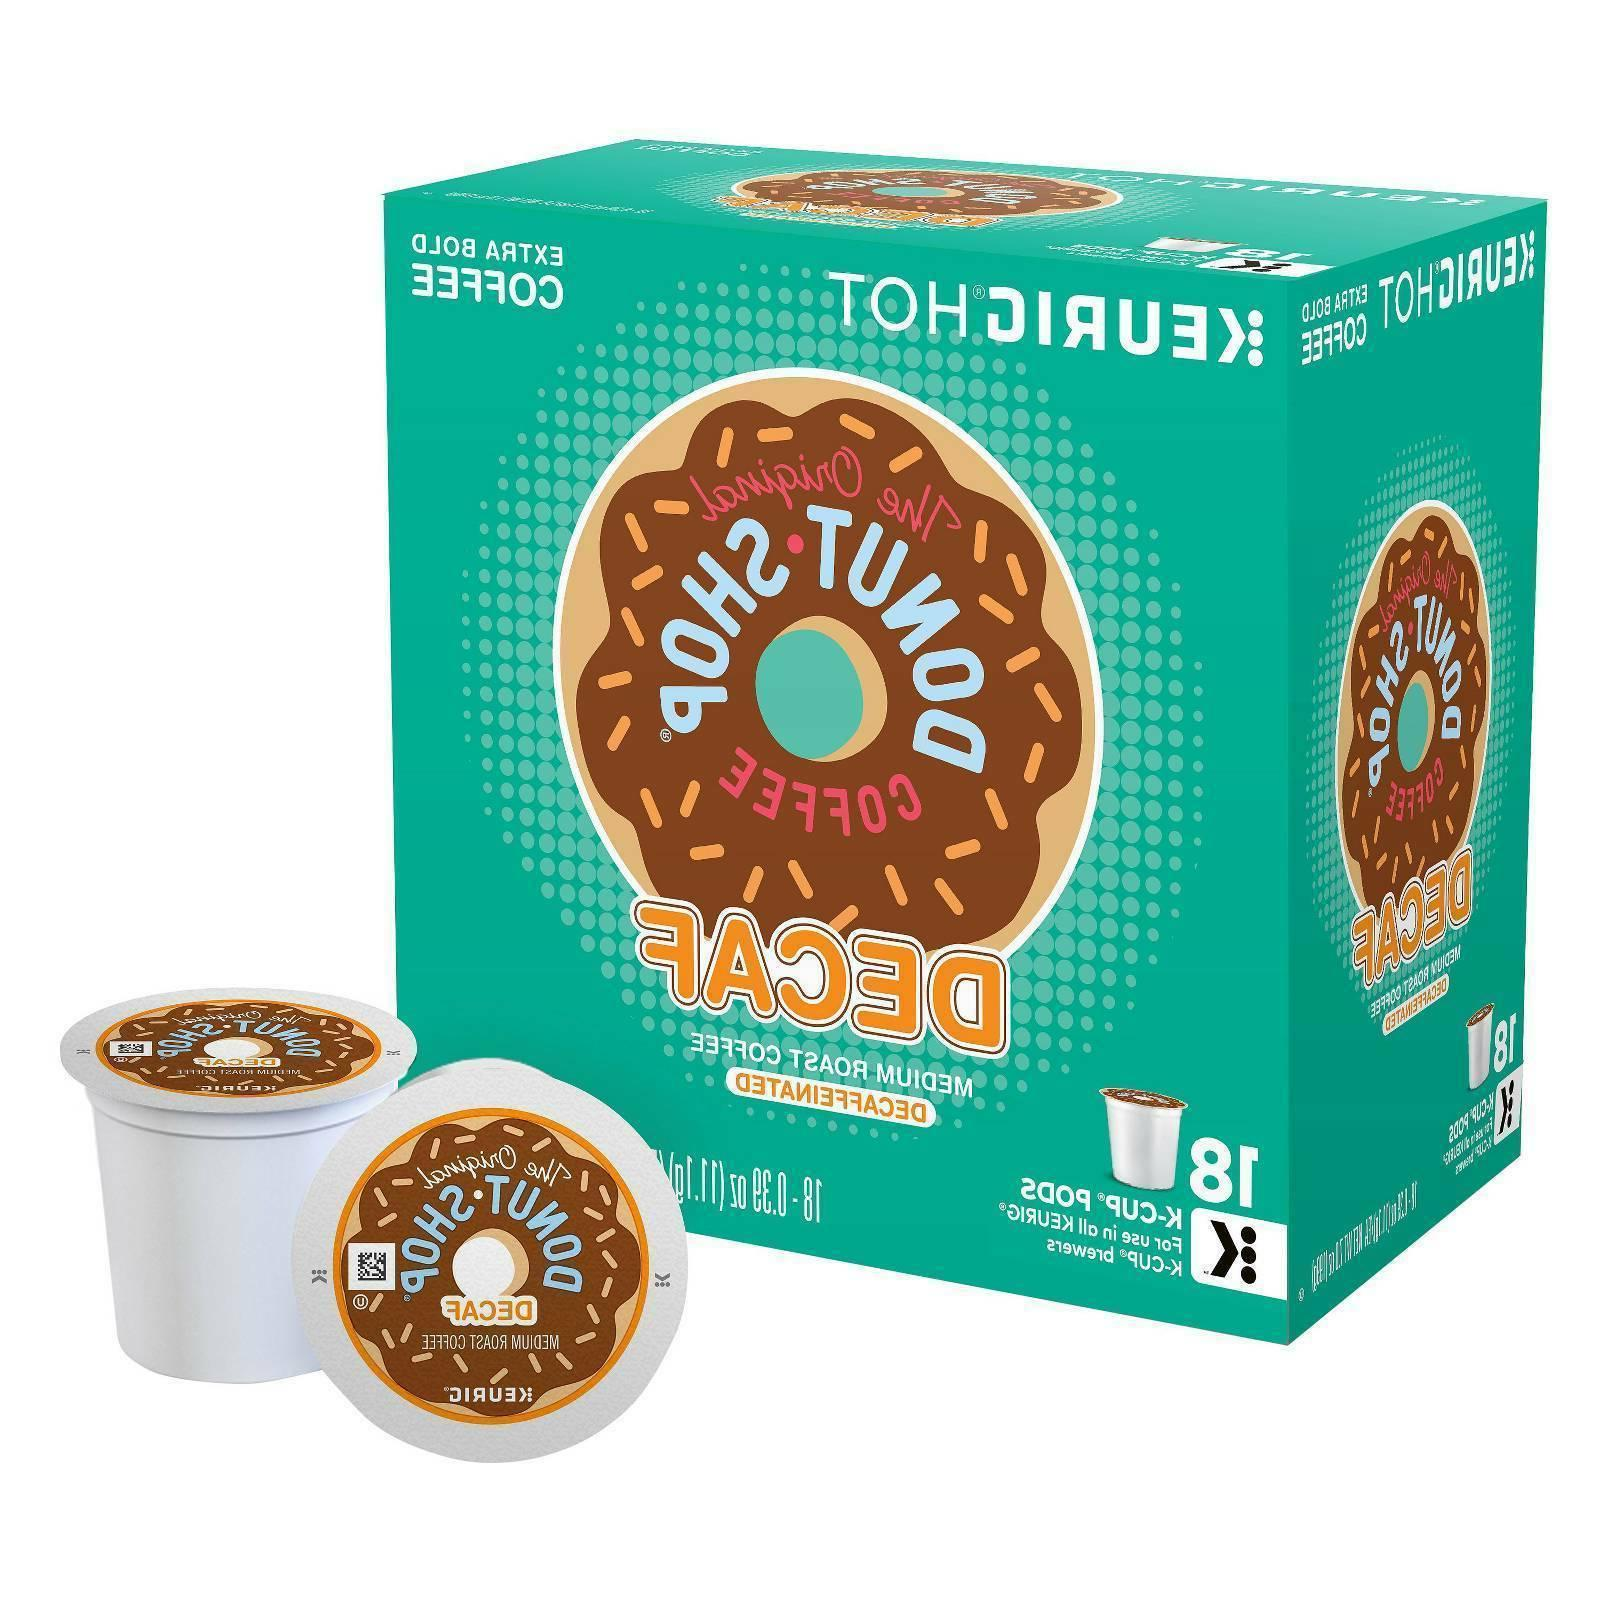 decaf coffee 18 to 90 keurig k